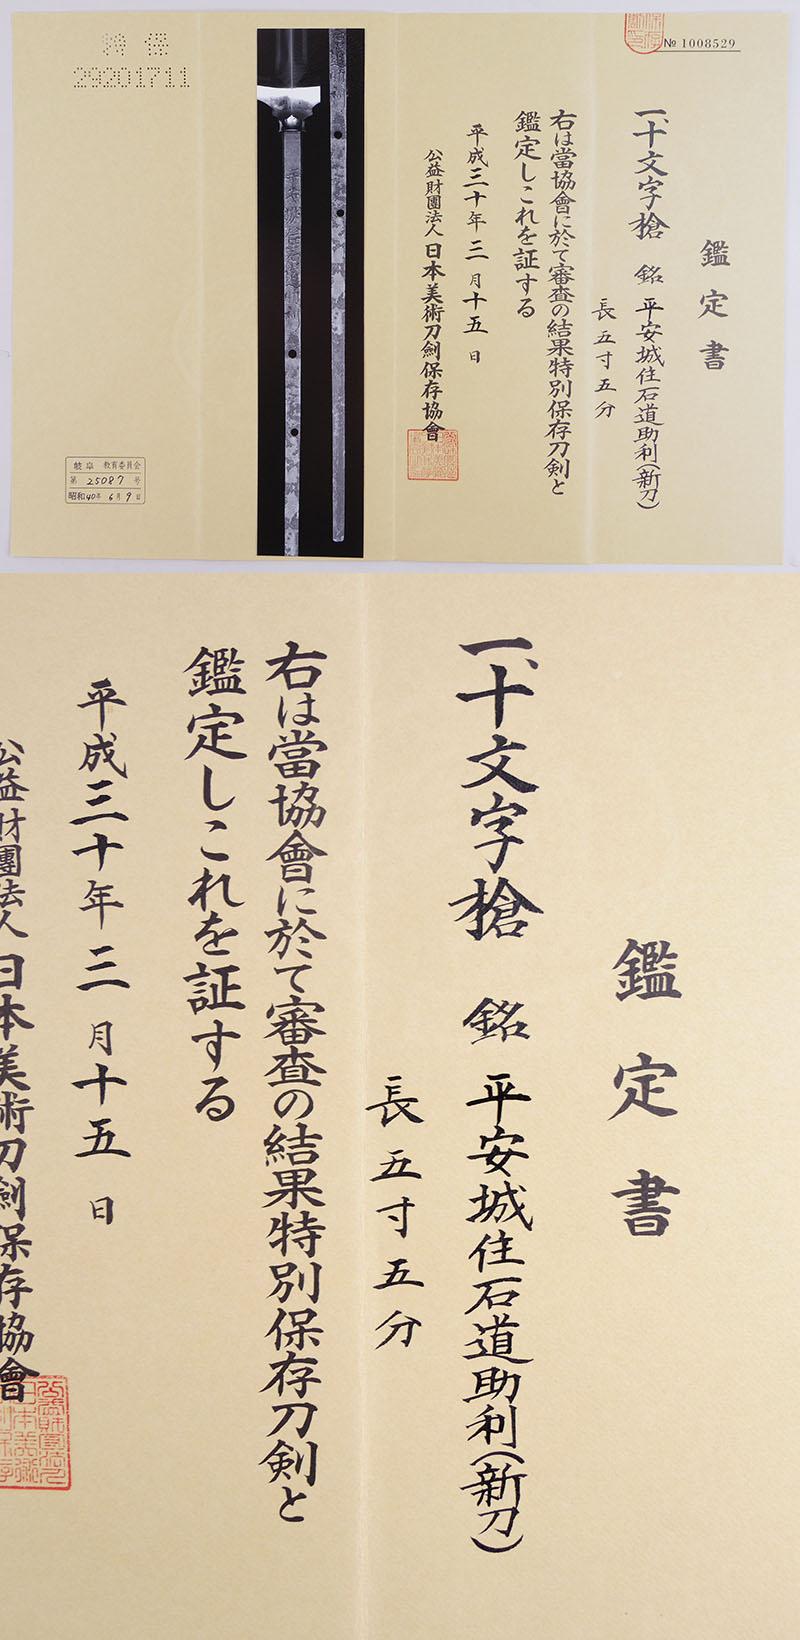 平安城住石道助利 Picture of Certificate